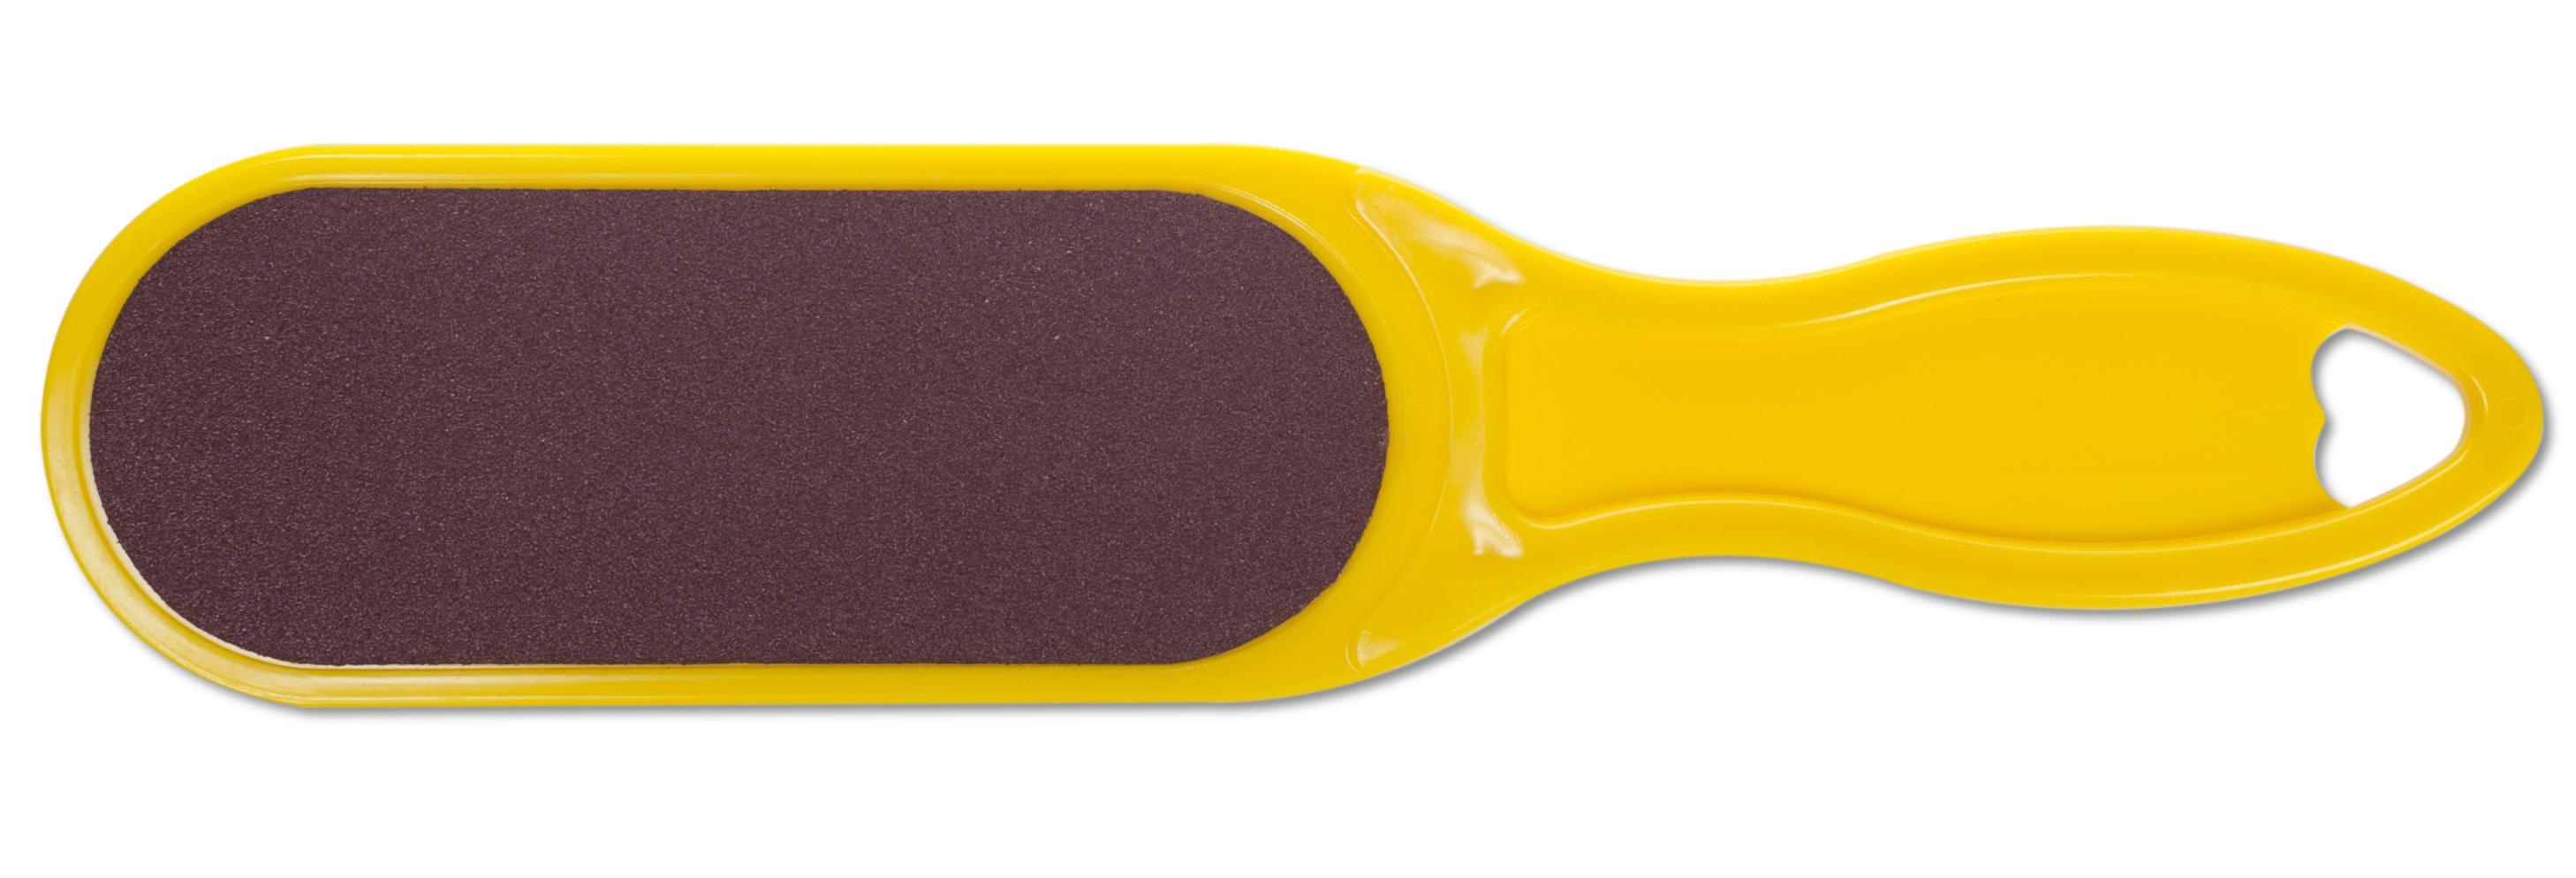 DOMIX Терка абразивная педикюрная двусторонняя с пластиковой ручкой, желтый